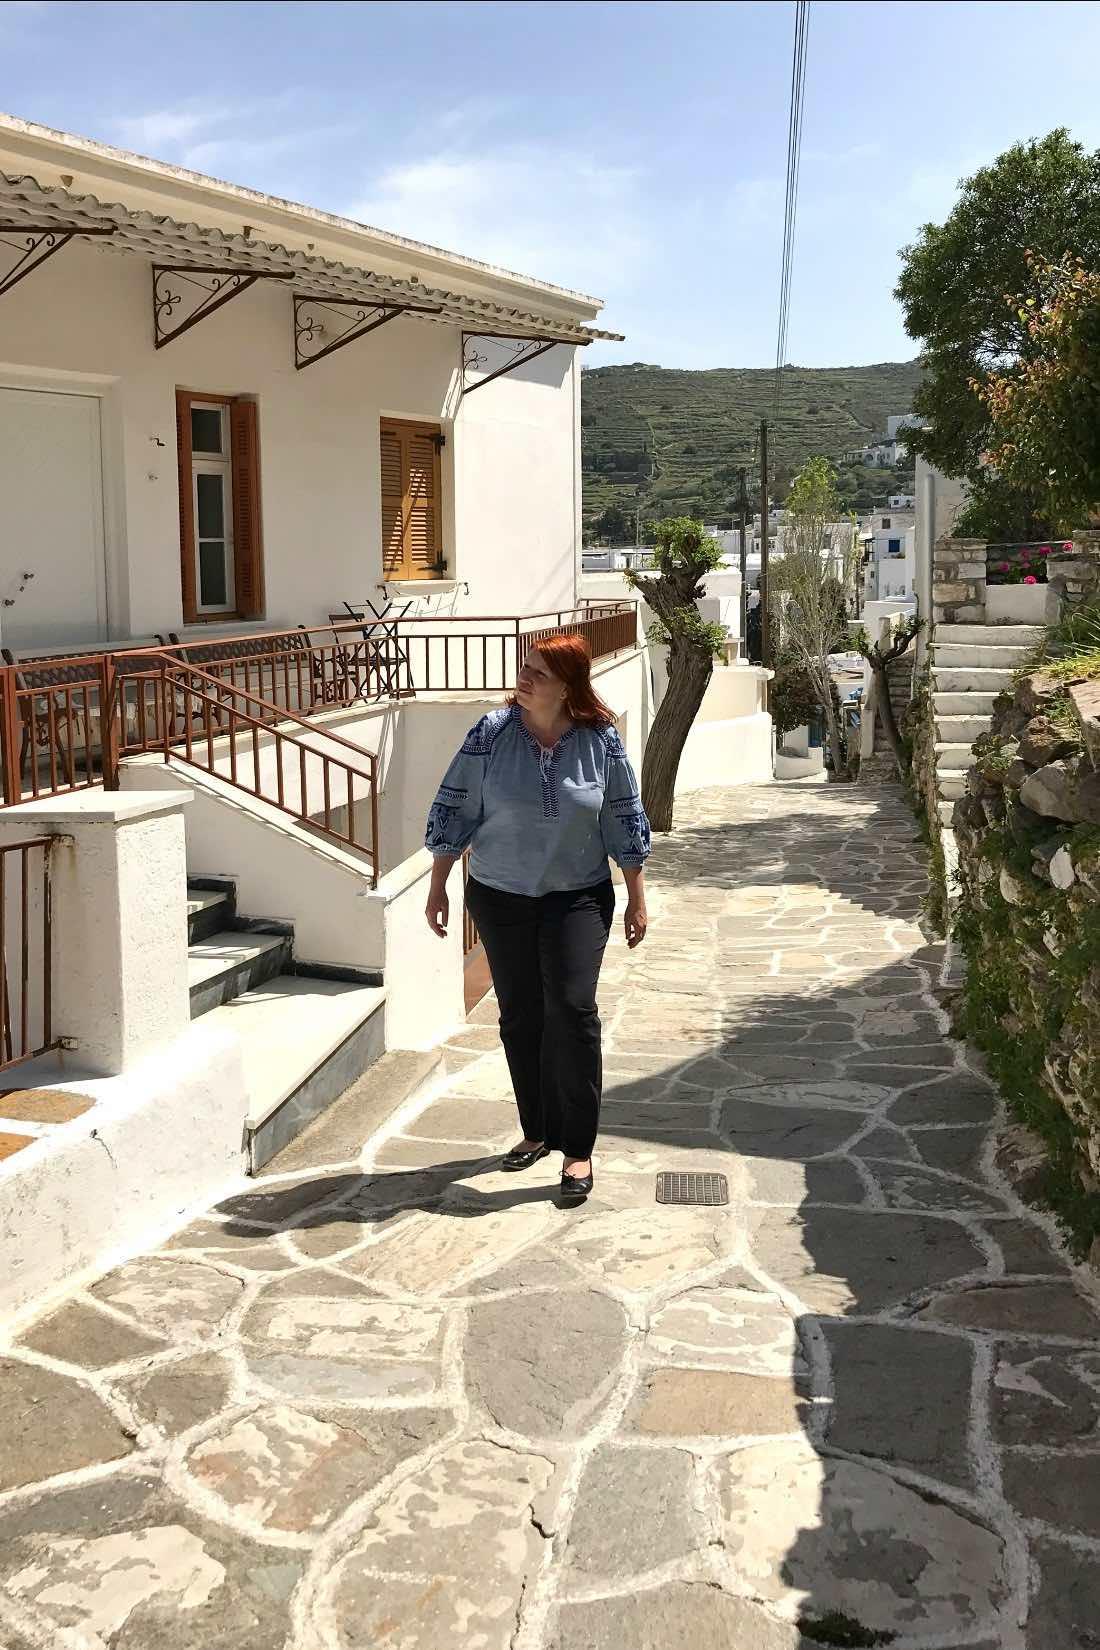 Reiseblogger in Griechenland